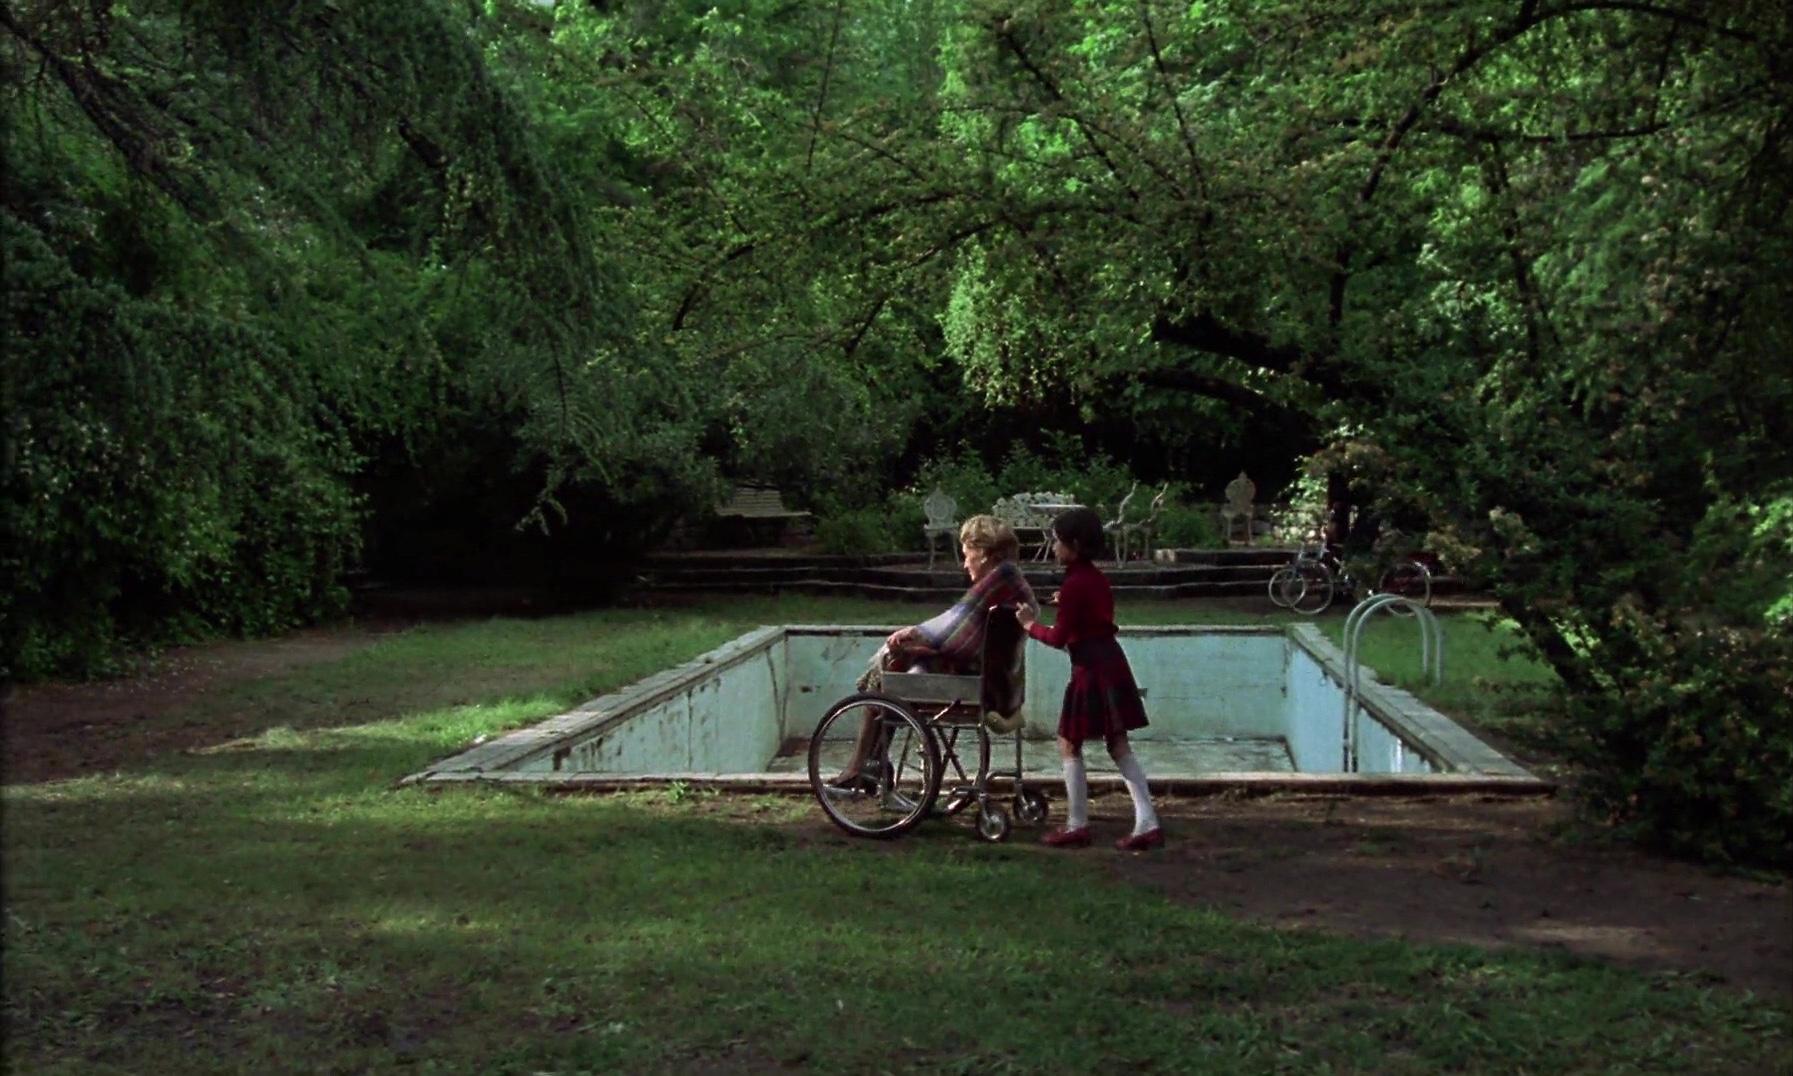 Cena do filme Cría Cuervos exibe Ana, uma criança branca, de cabelos castanhos, lisos e curtos, empurrando sua avó, uma idosa branca, de cabelos curtos grisalhos, na cadeira de rodas. Elas estão em um jardim repleto de árvores, em que há uma piscina vazia e embolorada.